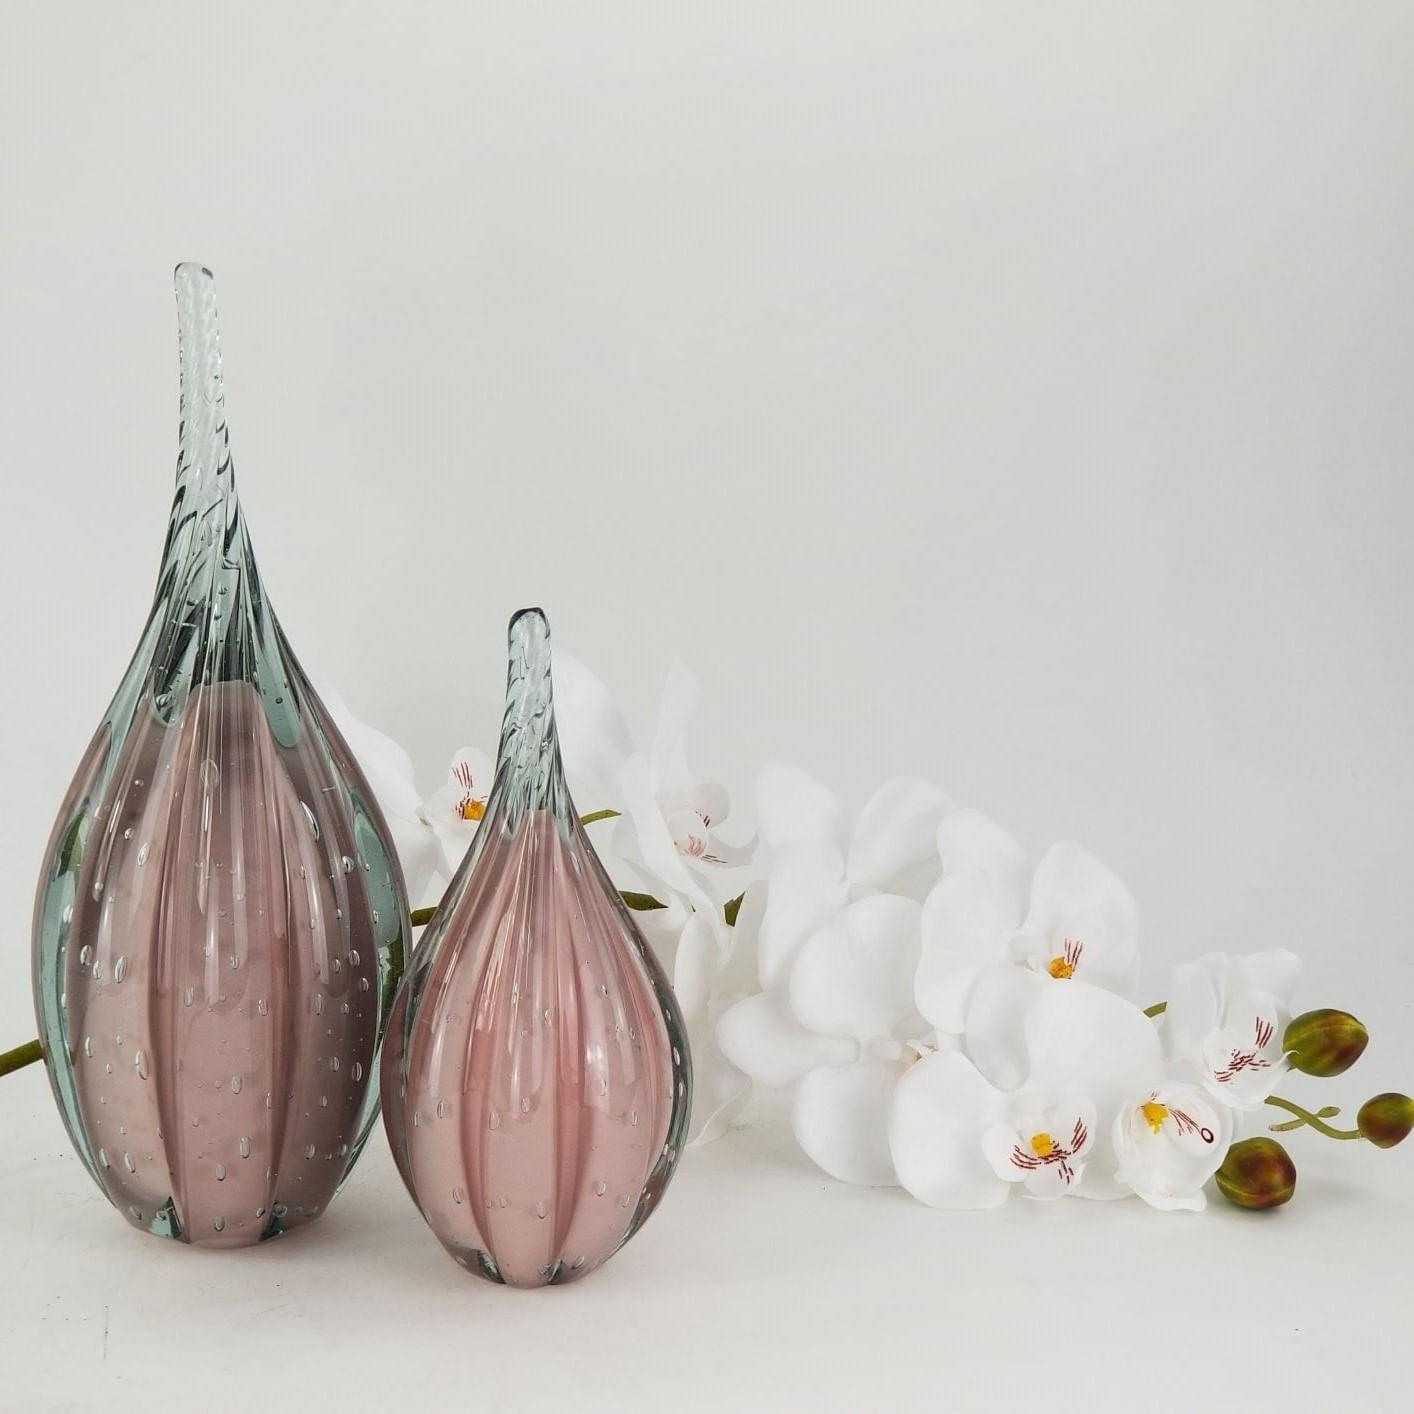 Kit 2 Gotas de Vidro Torcido Tipo Murano JR Glass - Rosa